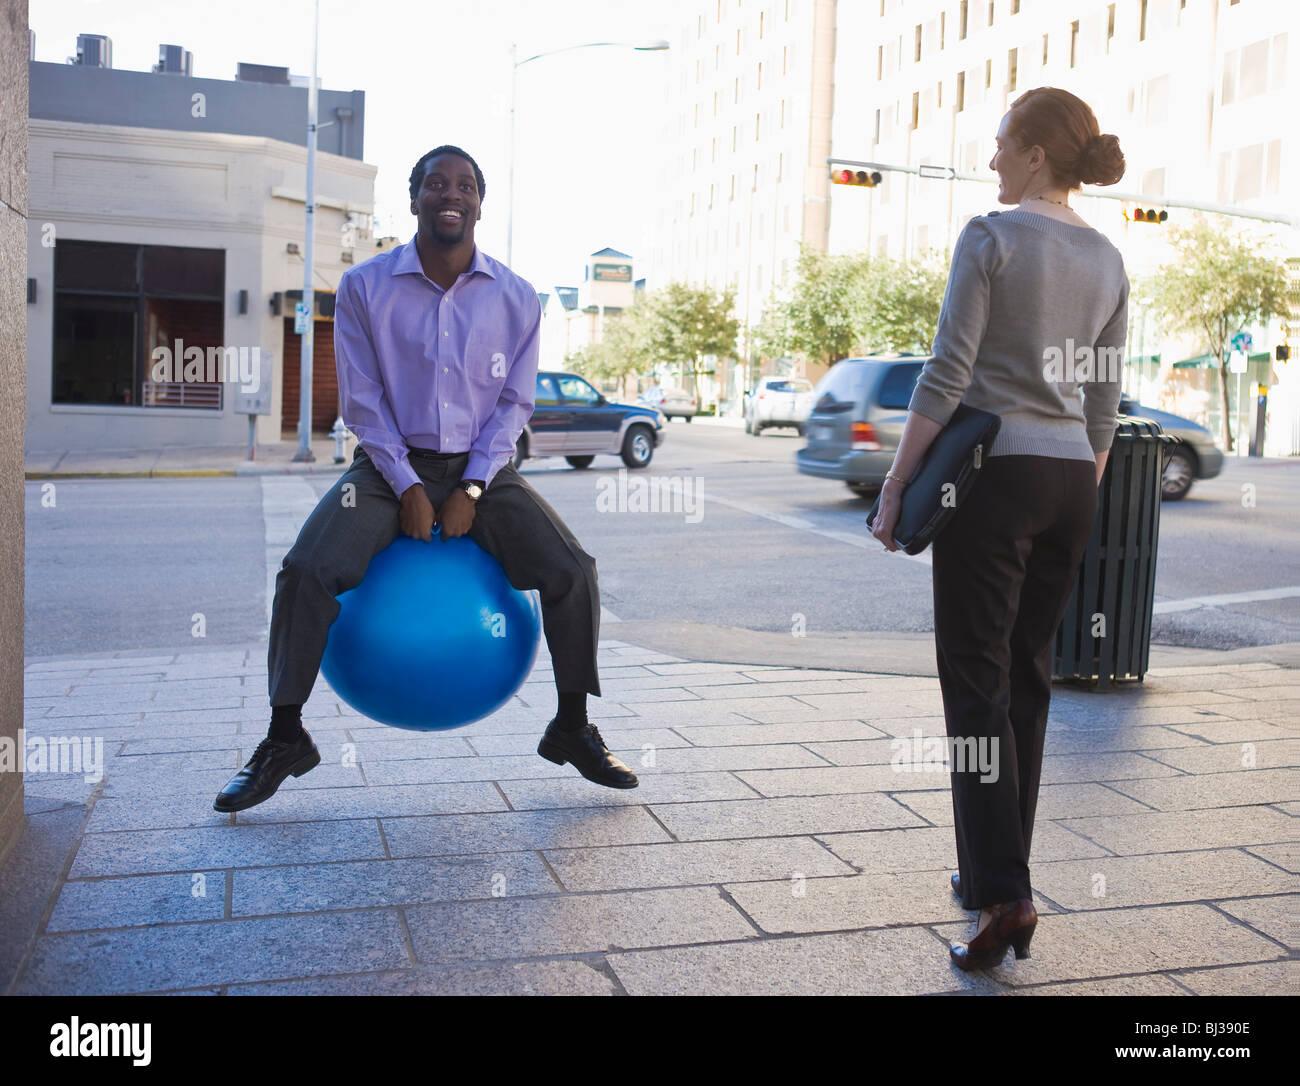 Imprenditore sulla sfera blu in strada Immagini Stock